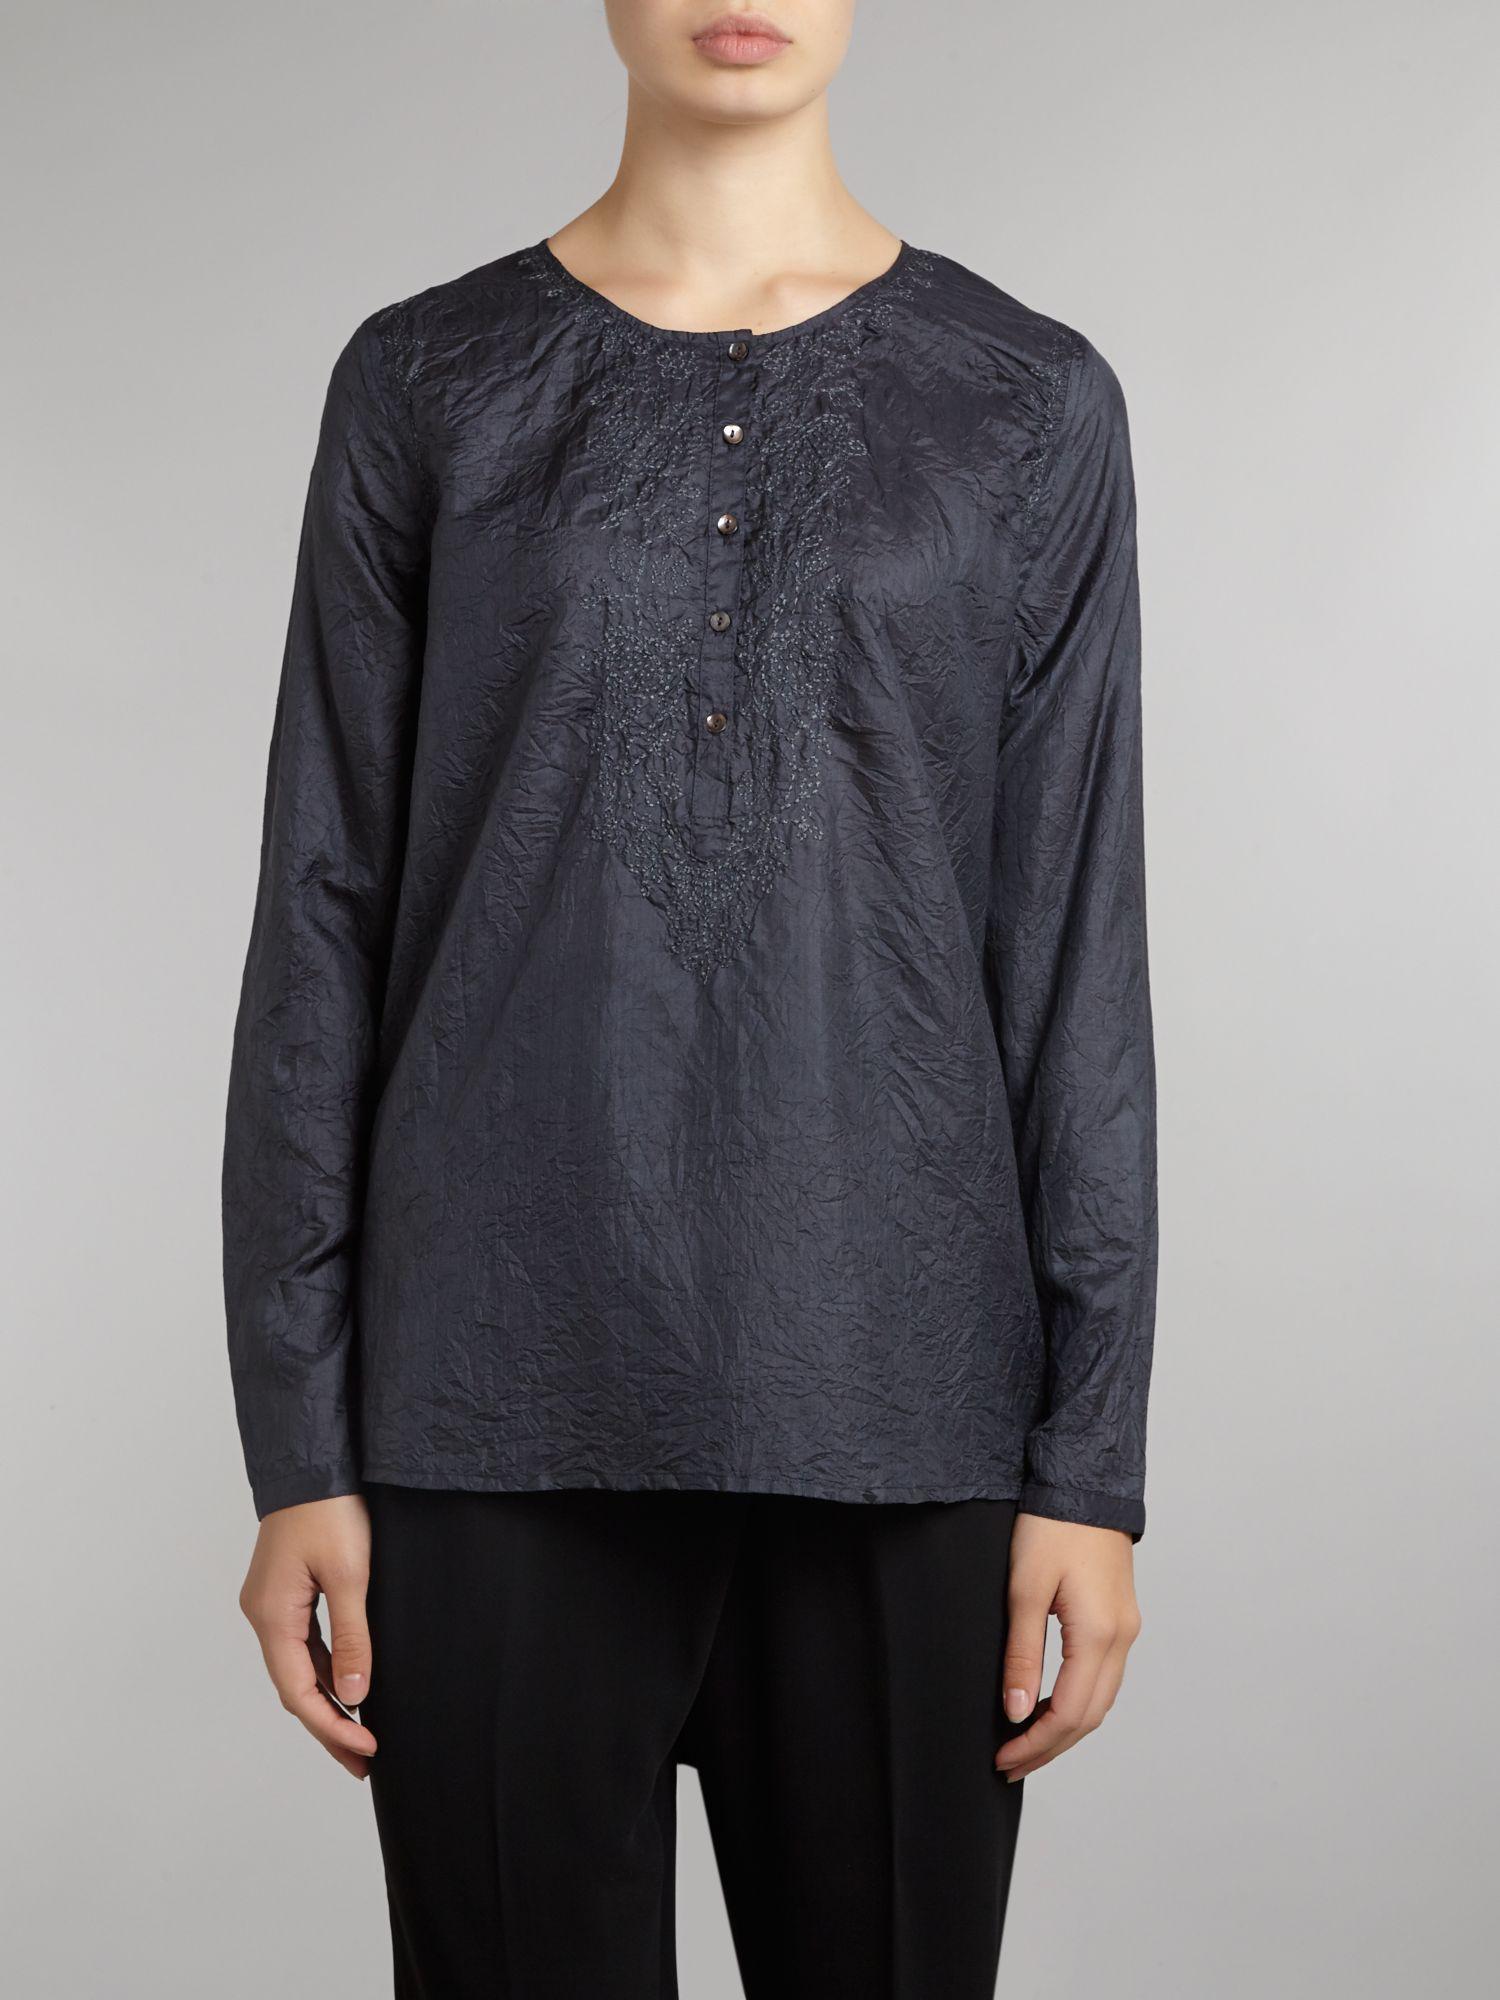 lyst day birger et mikkelsen day value blouse in blue. Black Bedroom Furniture Sets. Home Design Ideas